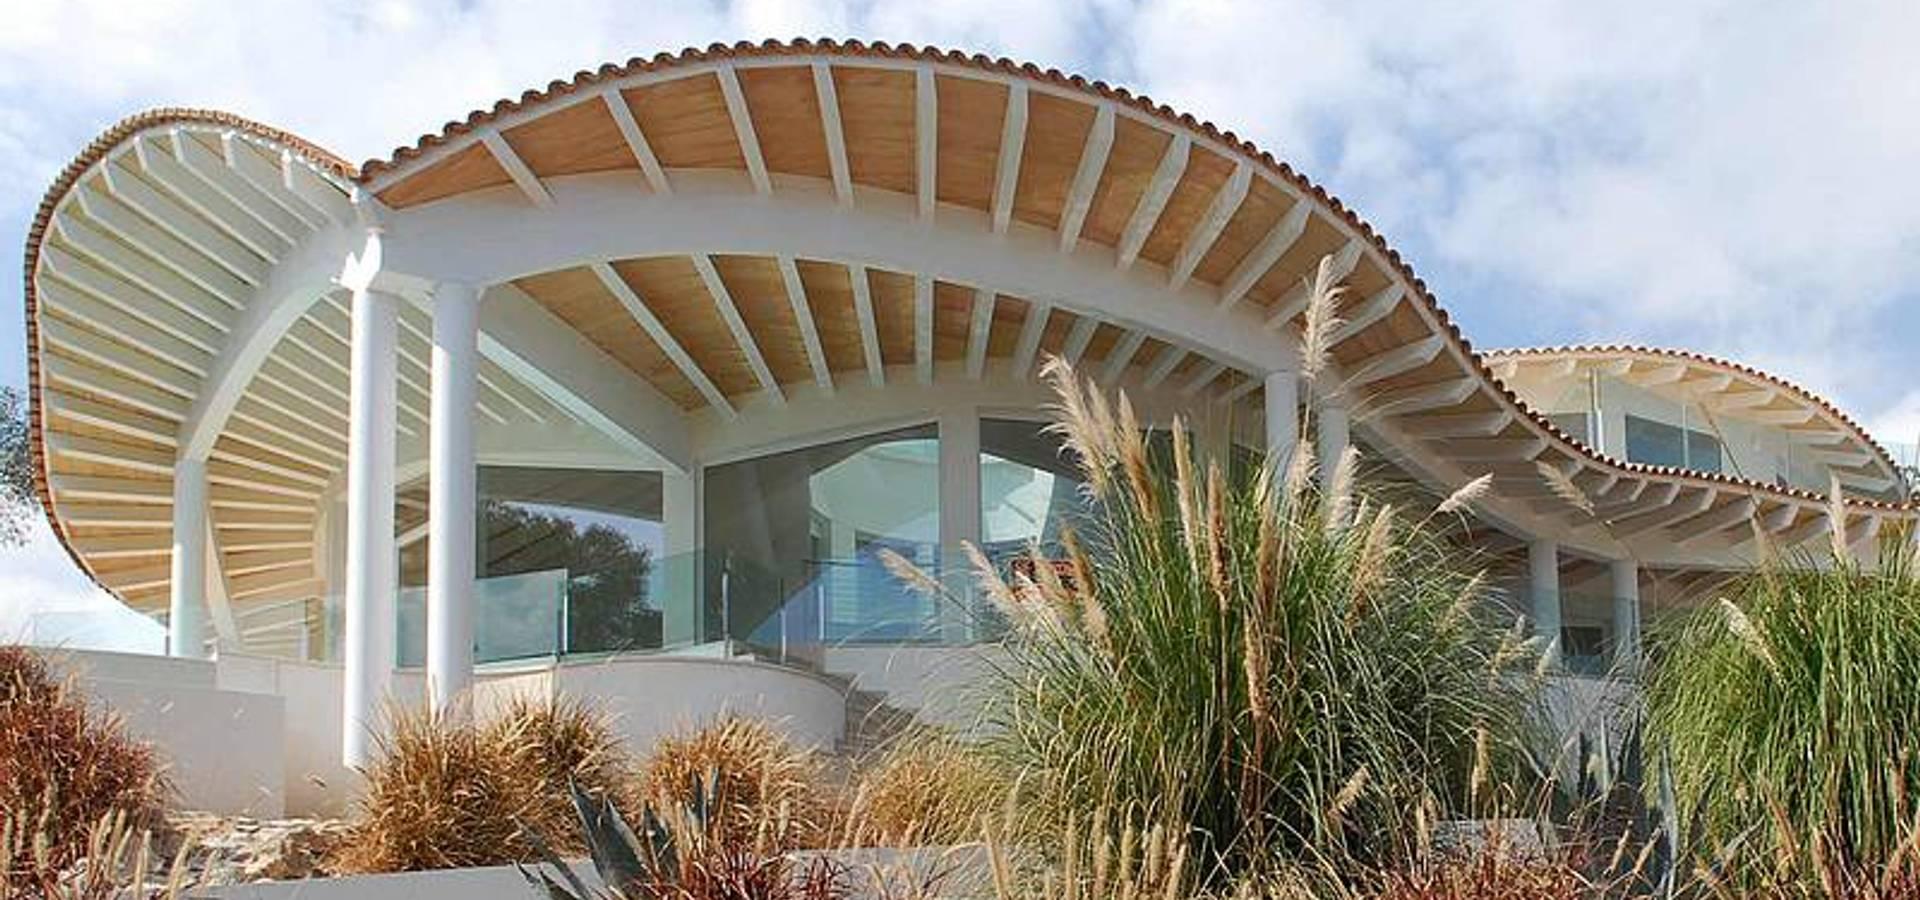 Stephan Wächter Architekt Bausachvertändiger Spanien